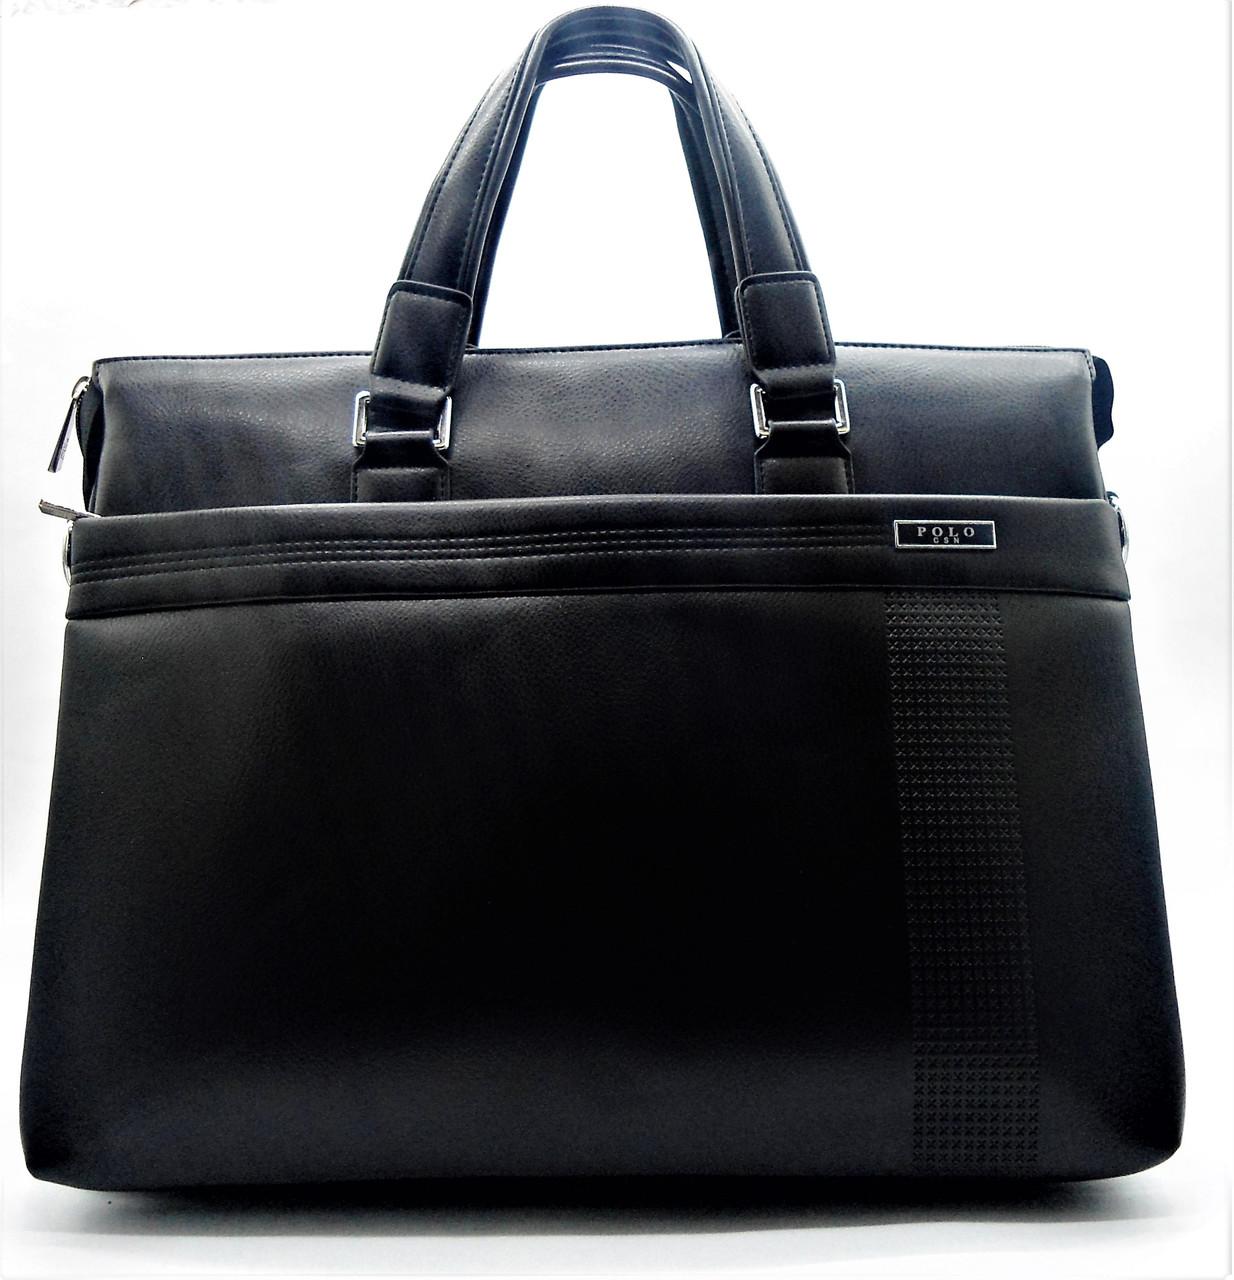 Мужская сумка-портфель POLO черного цвета СМ-88, фото 1